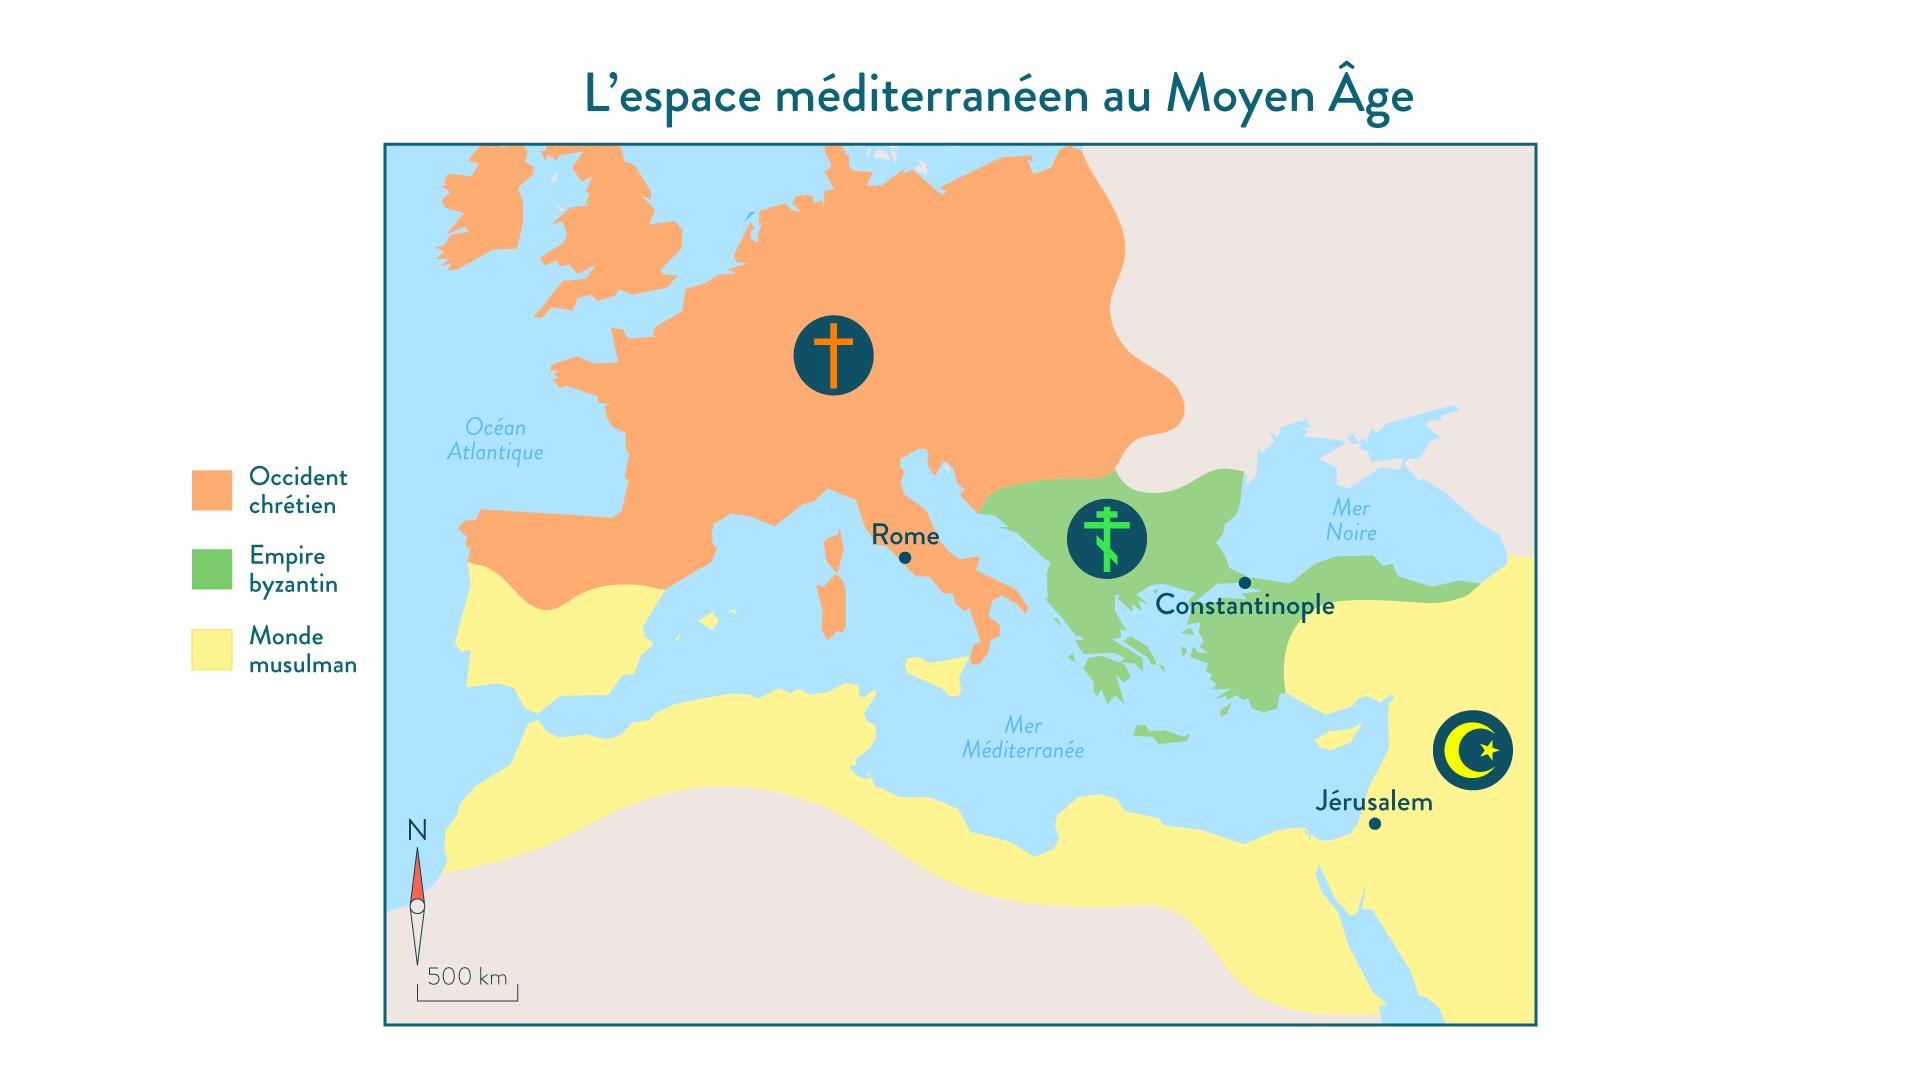 L'espace méditerranéen au Moyen Âge - 5e - histoire